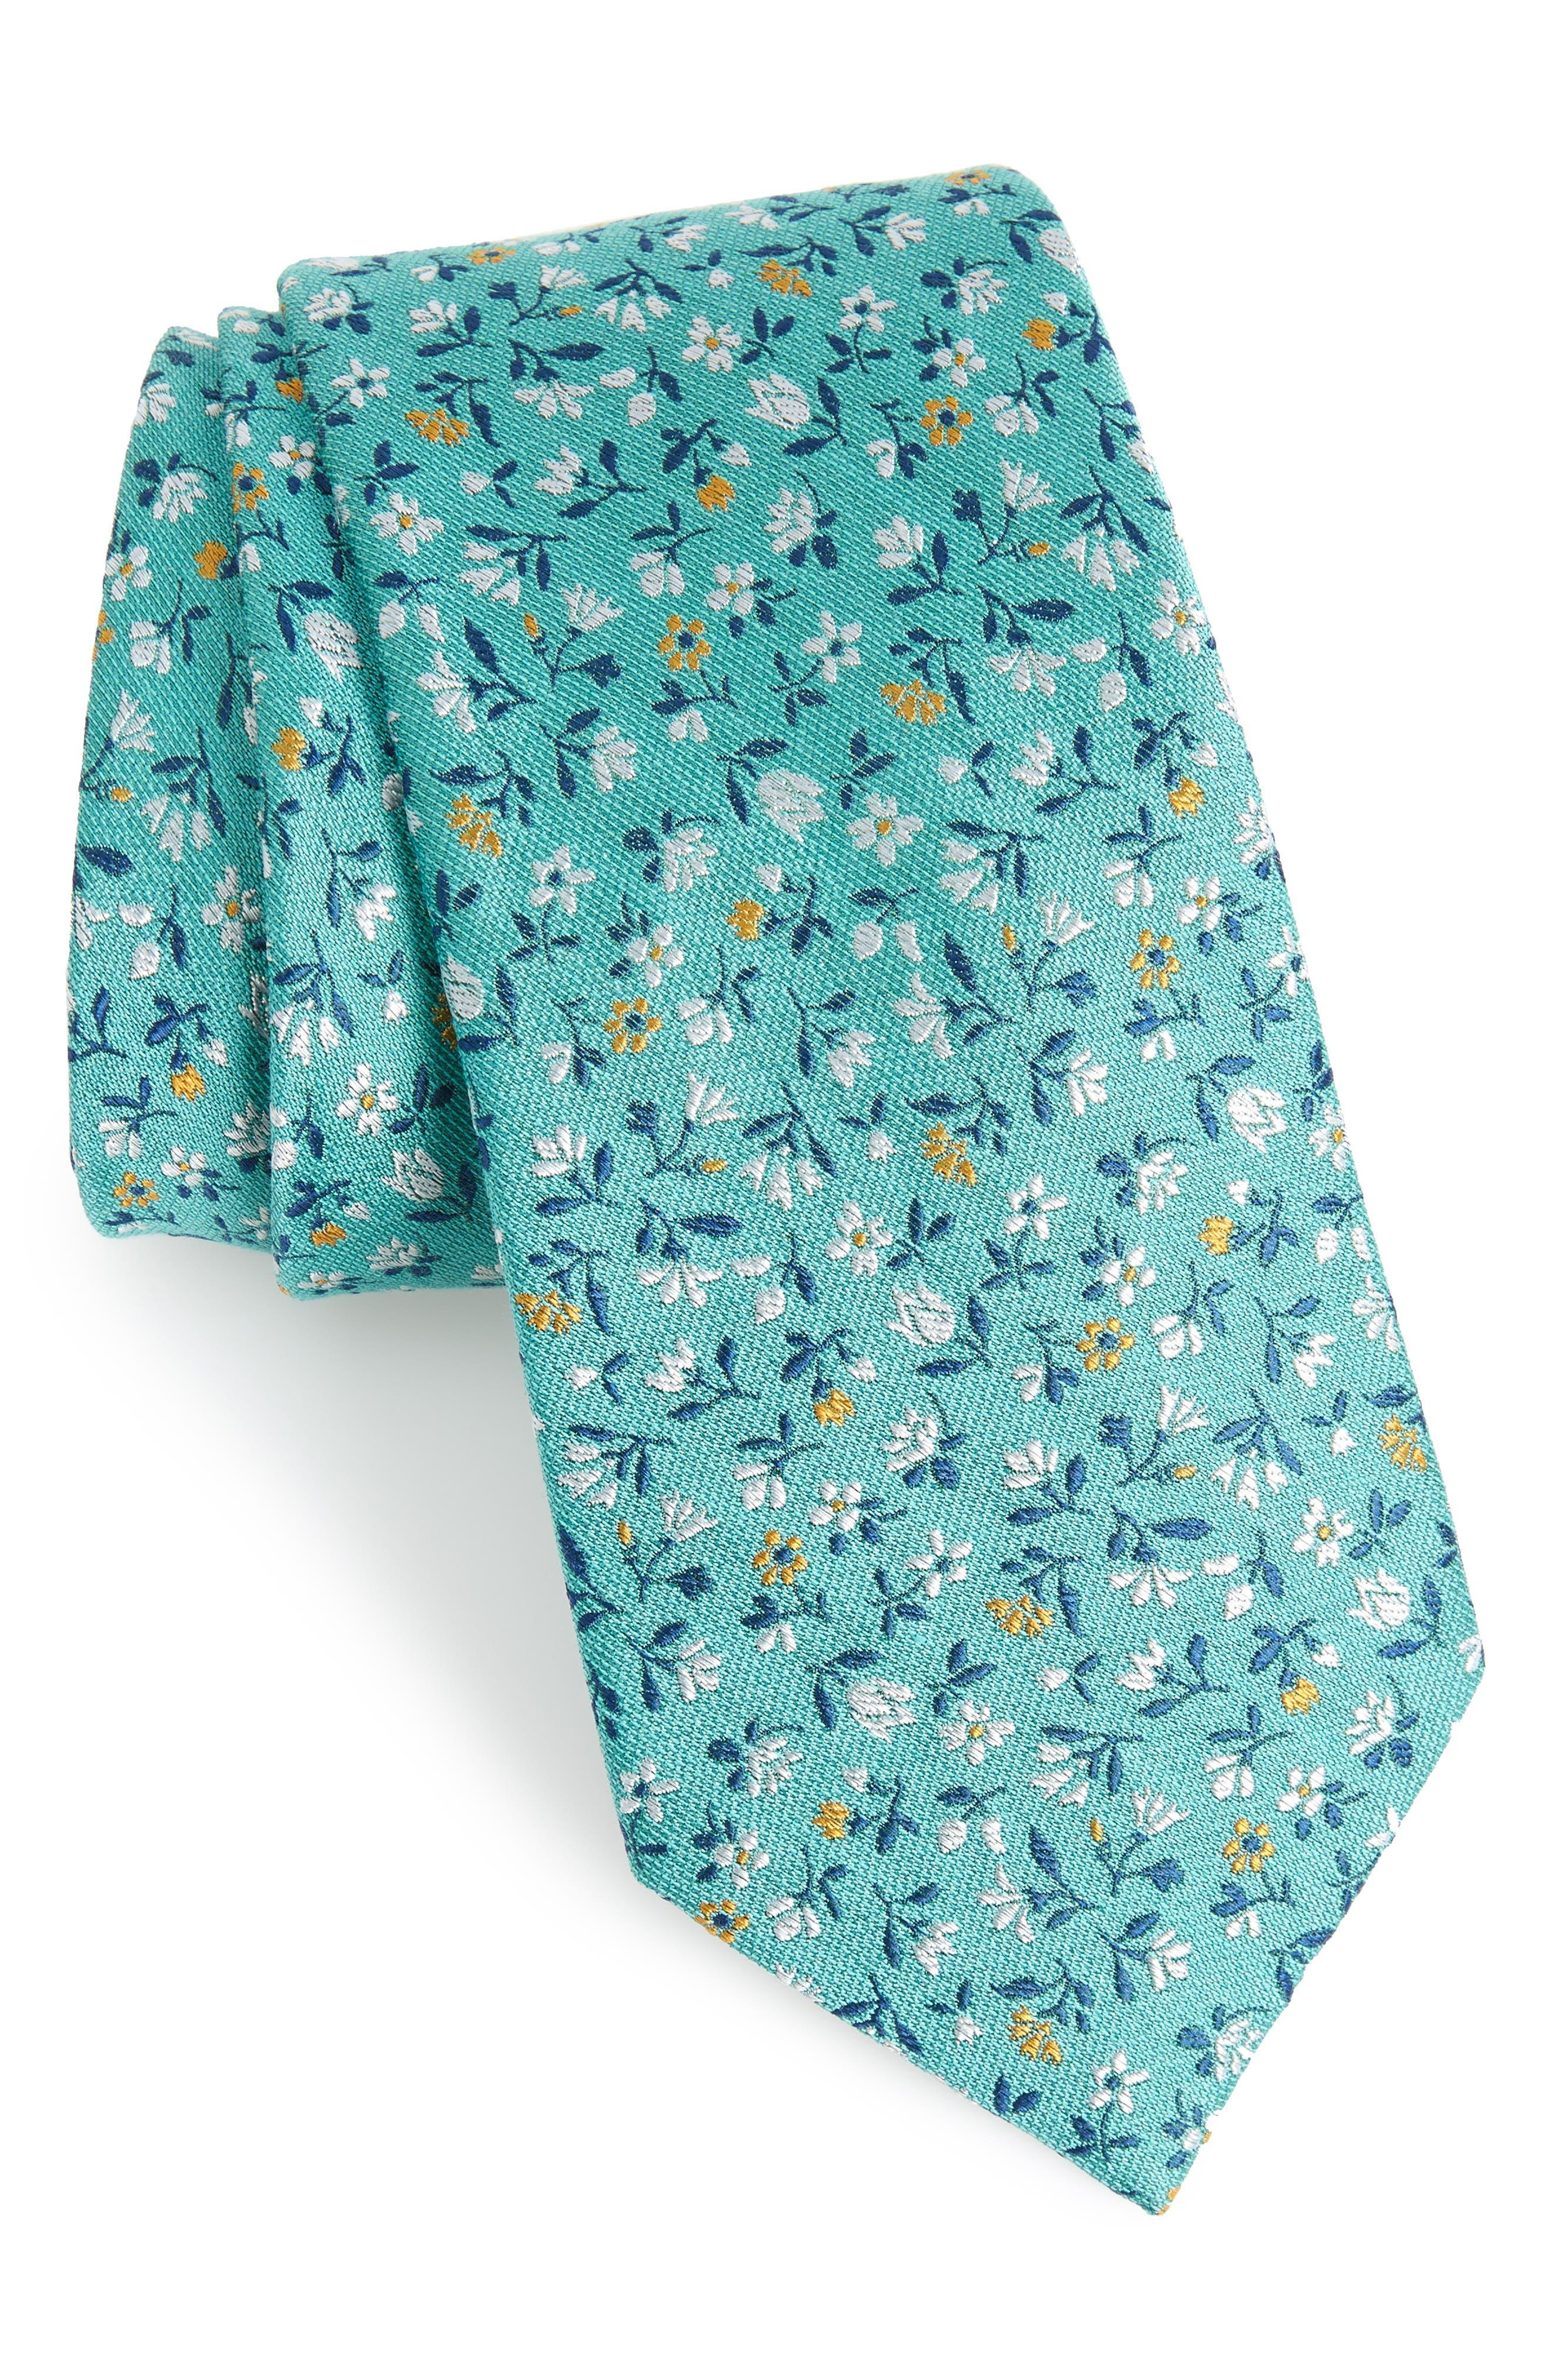 Flower Fields Silk & Cotton Tie,                             Main thumbnail 1, color,                             333